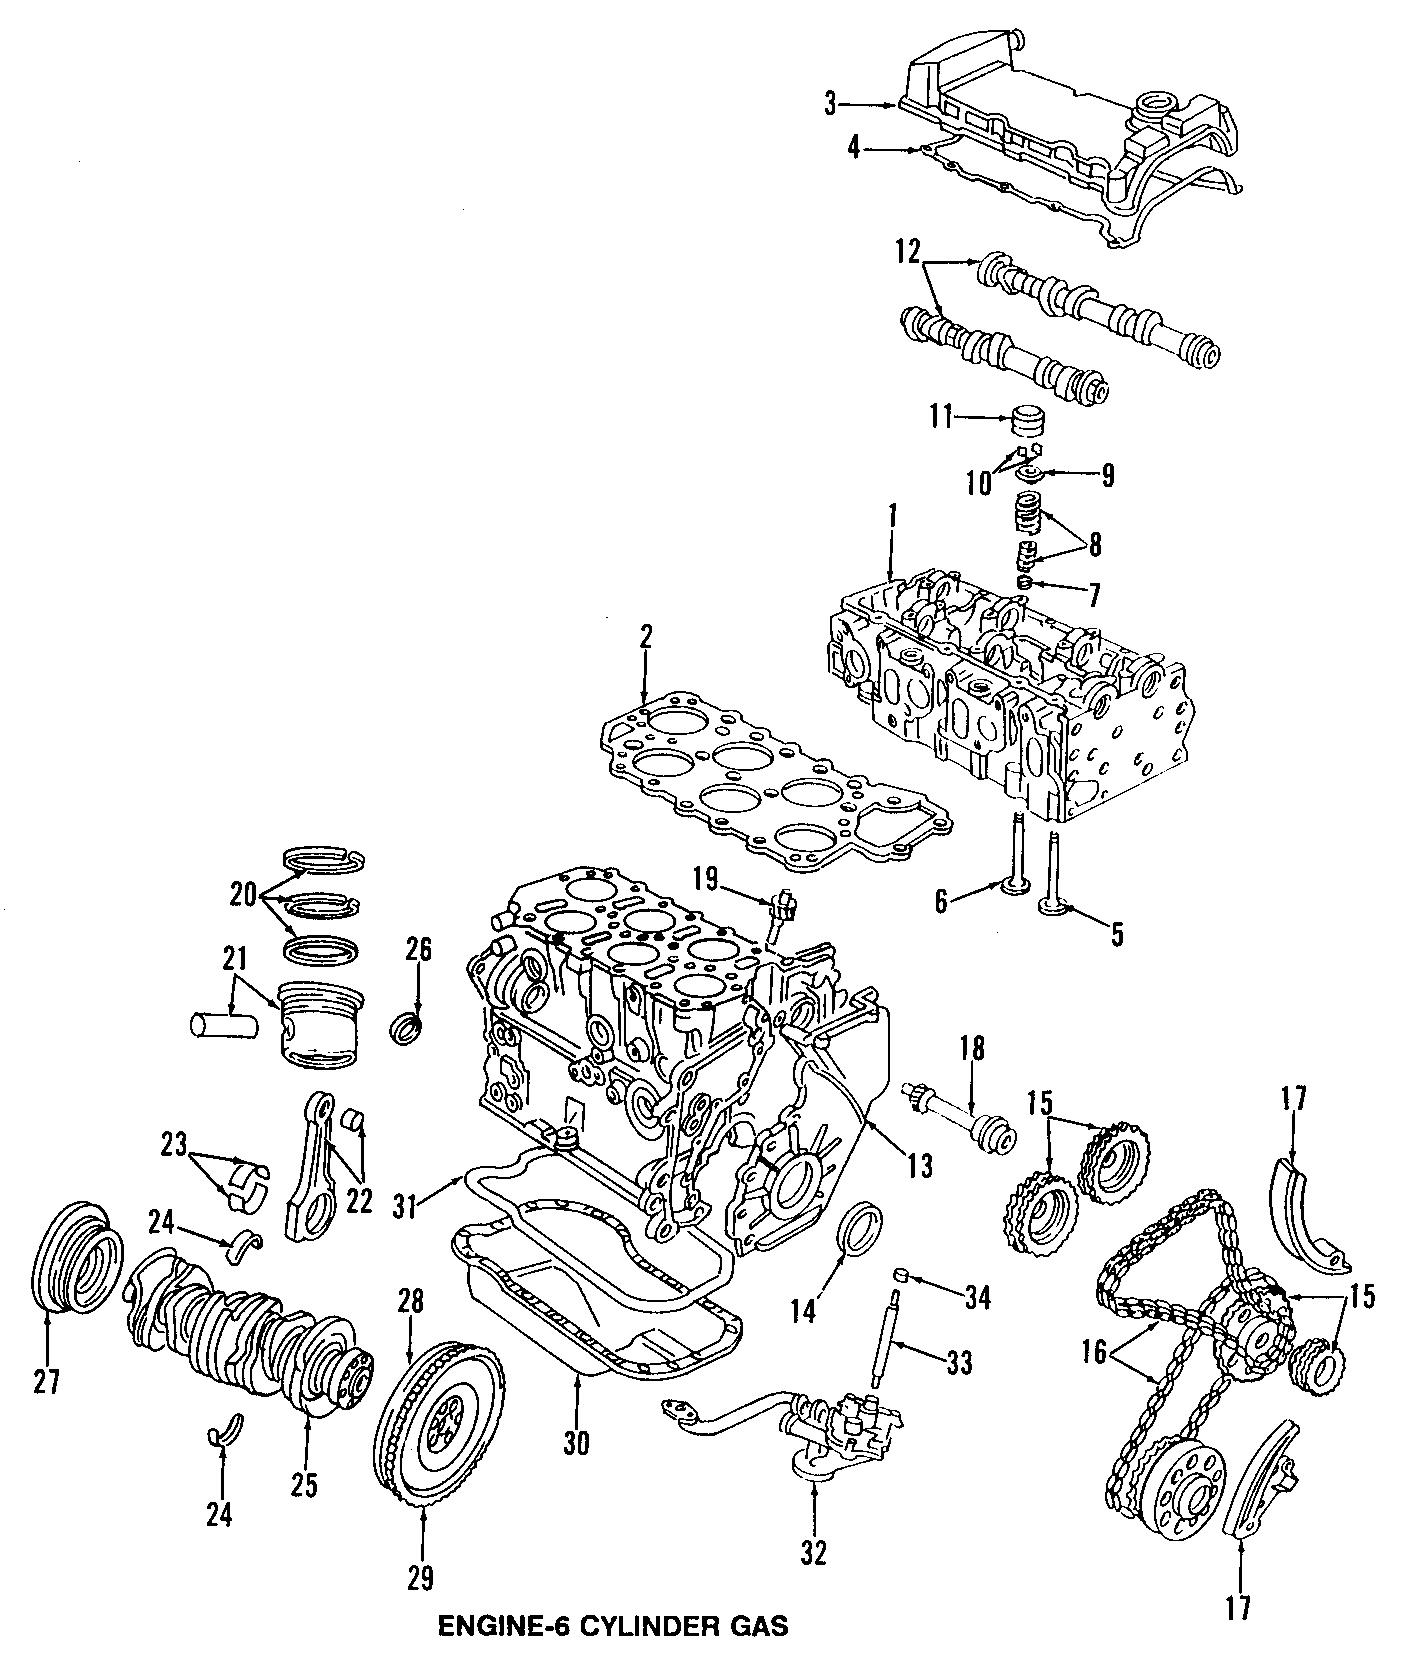 Volkswagen Jetta Mount Engine 2 8 Liter W 24 Valve